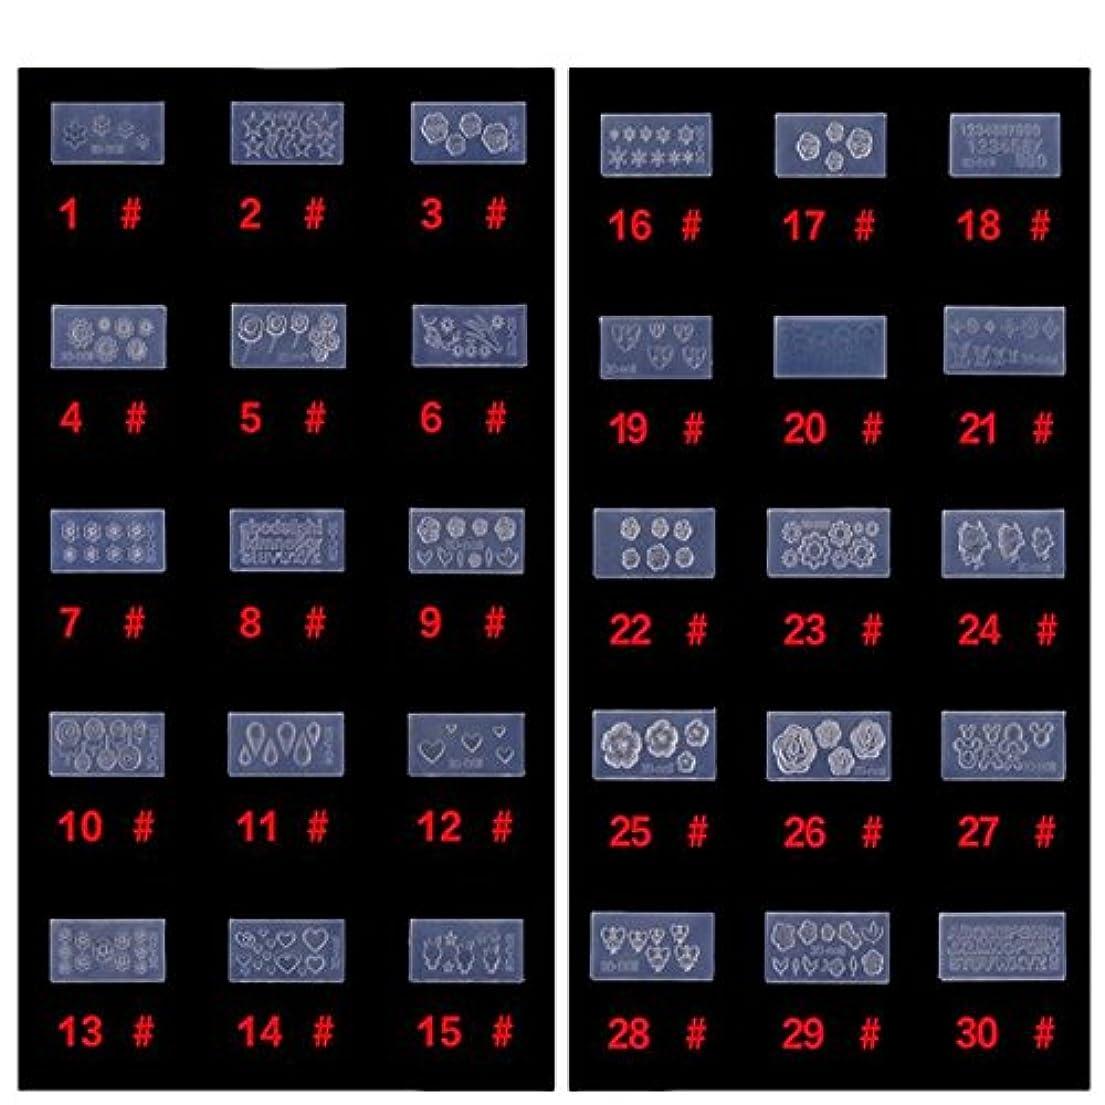 触覚優勢地図シリコン モールド 3D ネイル用 アートデコ まとめて30個 ランダムセット レジン 道具 型 型どり